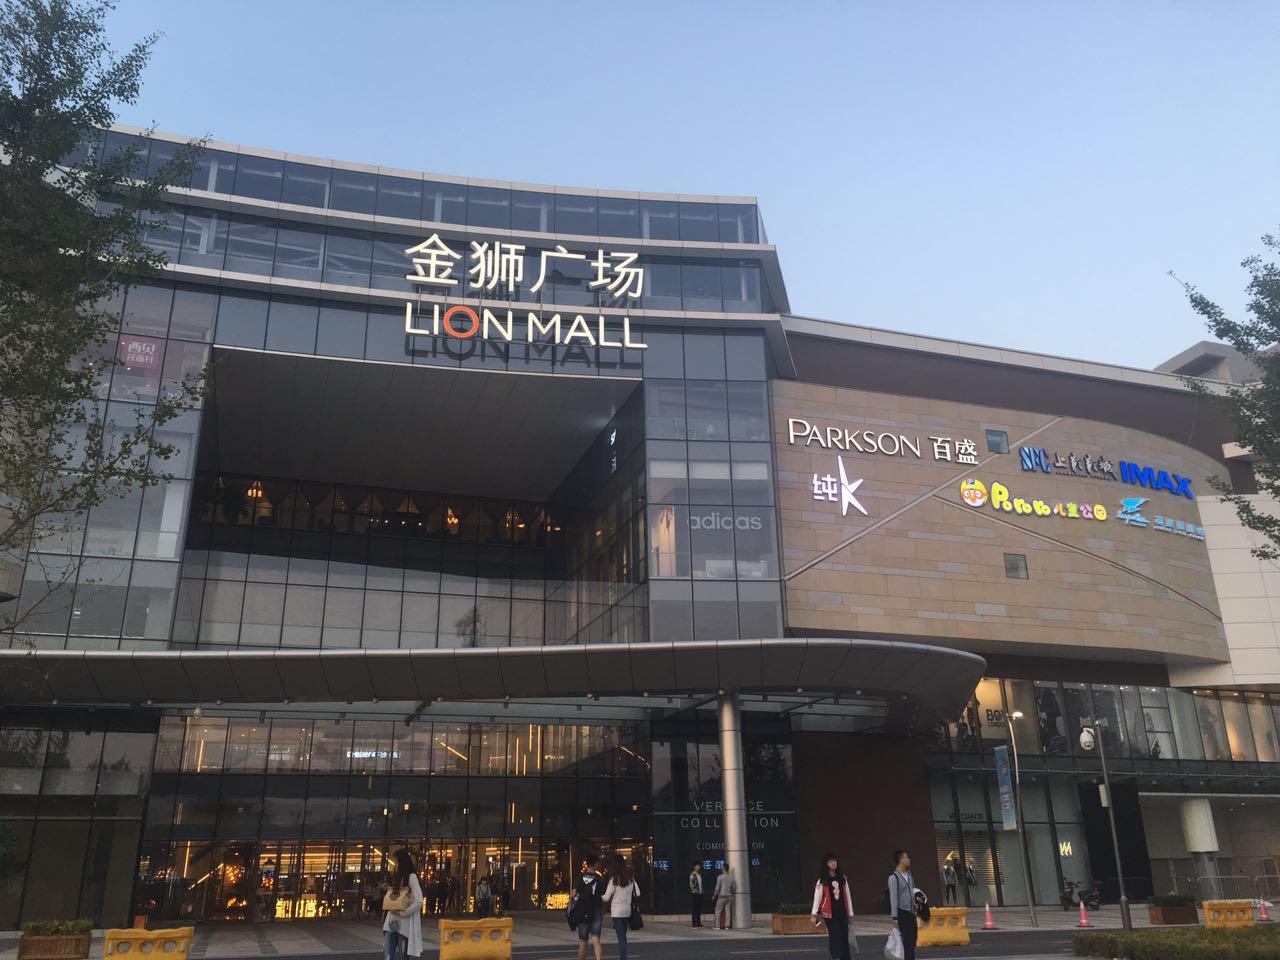 ——小记lion mall金狮广场的不同寻常处